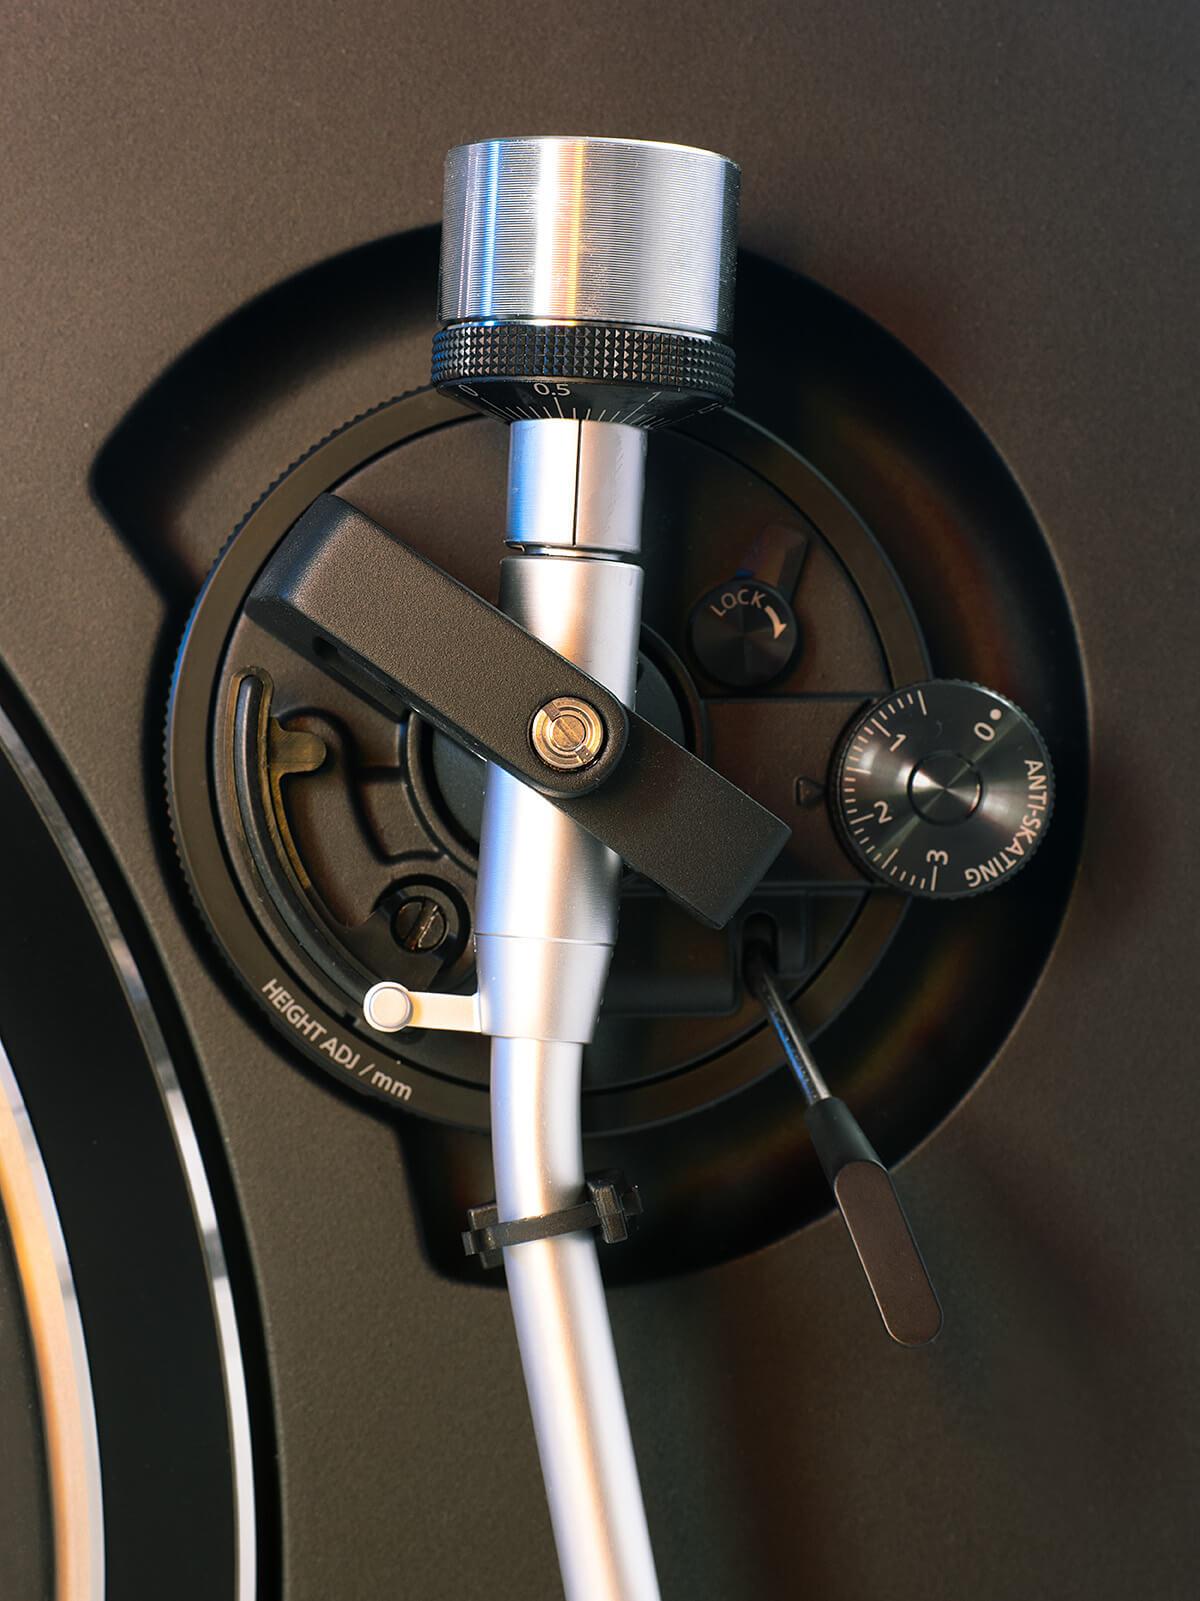 Blick aufs Tonarmlager des Technics. Nicht nur Anti-Skating ist mit an Bord, der SL-100C erlaubt auch die Justage des VTA